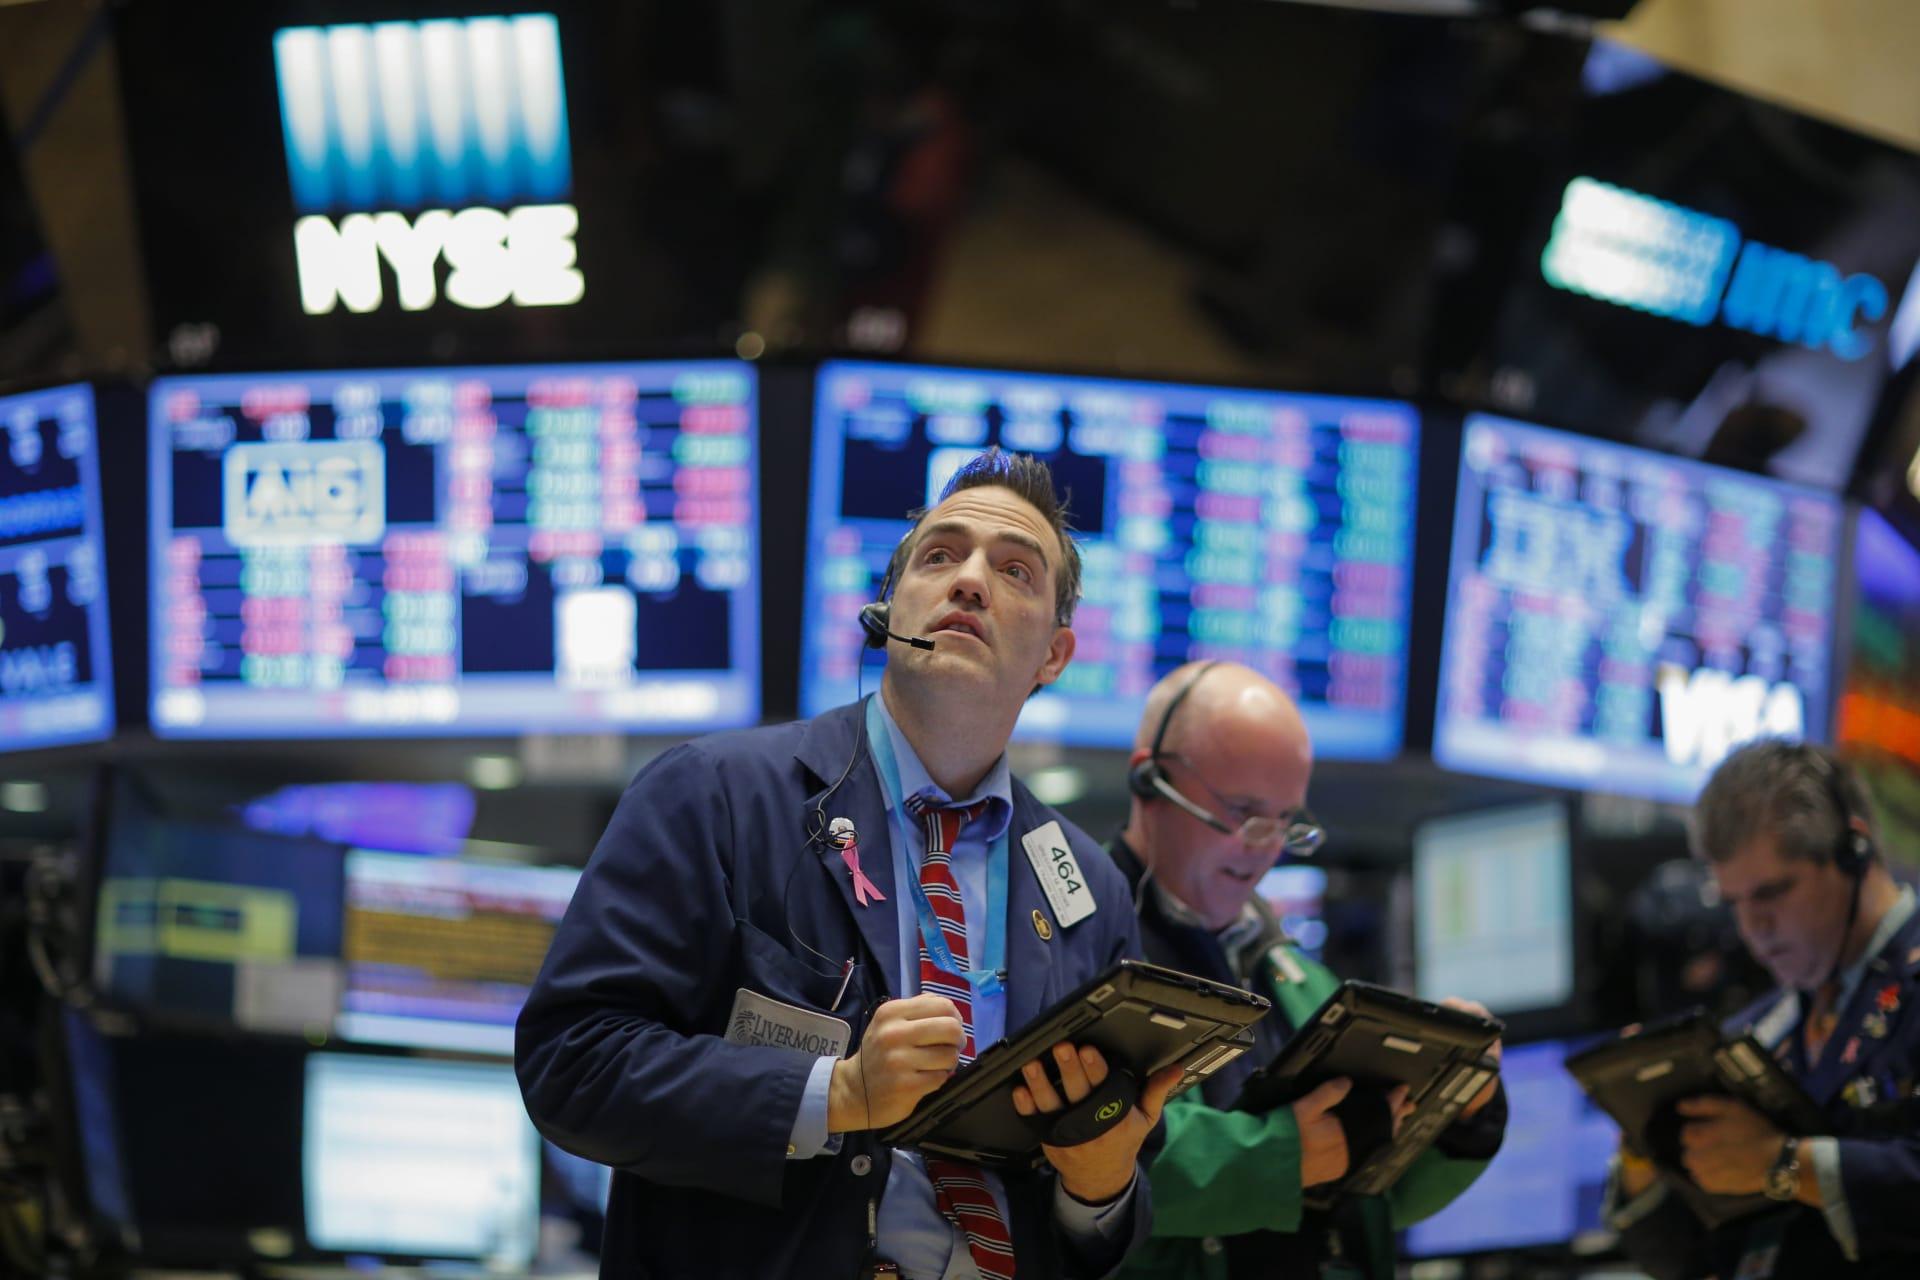 تقرير: عوائق التمويل تحرم أمريكا من إيرادات بقيمة 1.4 تريليون دولارا من الشركات اللاتينية